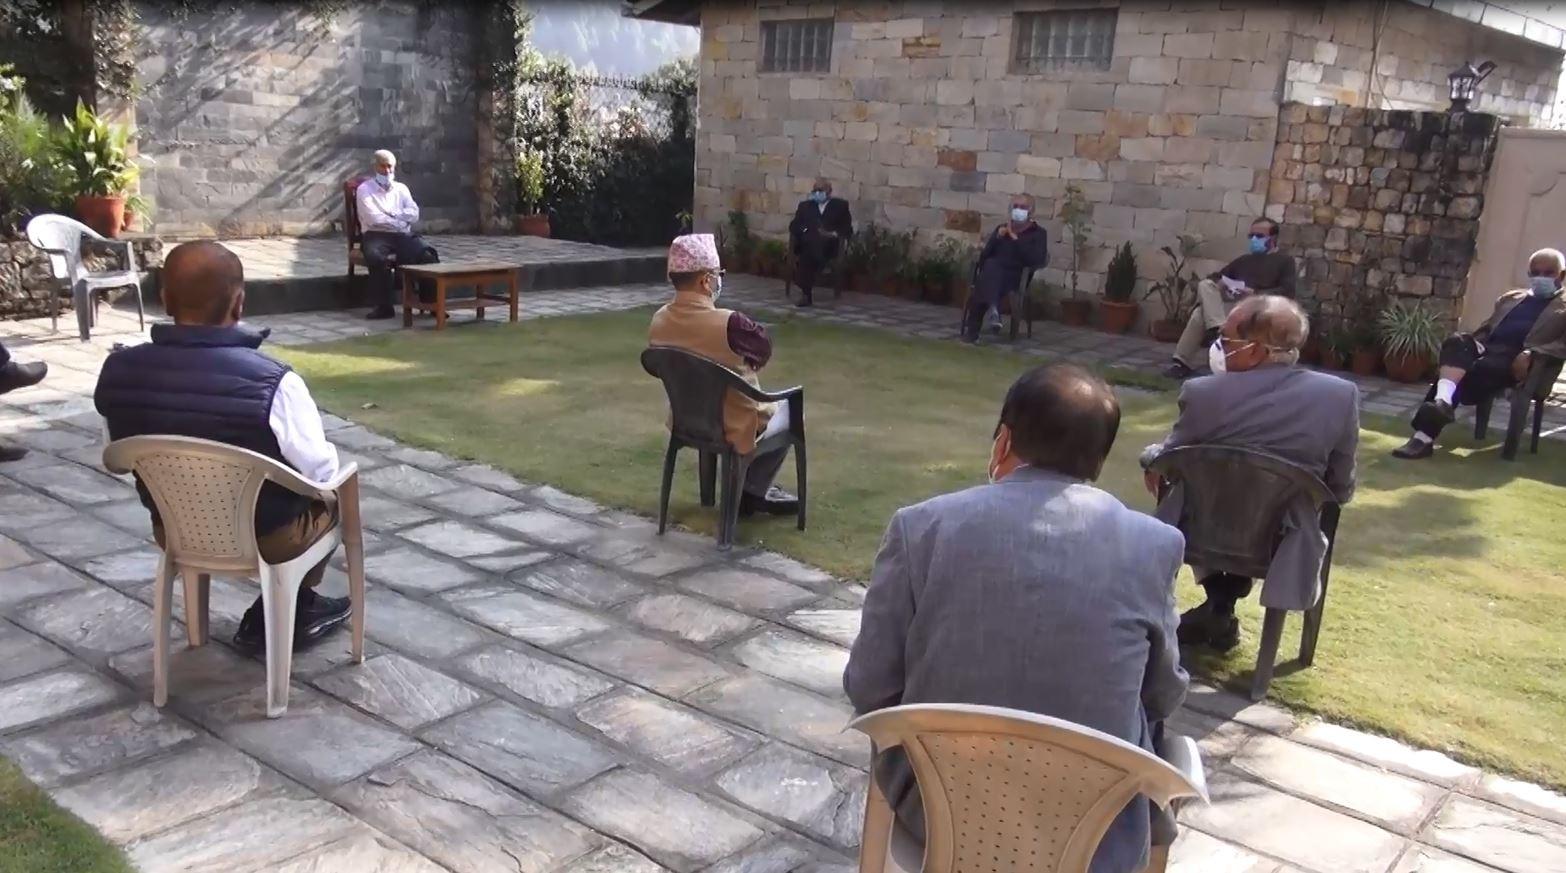 सभापति देउवाको नेतृत्वमा बहुमतकाे सरकारकाे दाबी गर्ने निर्णय